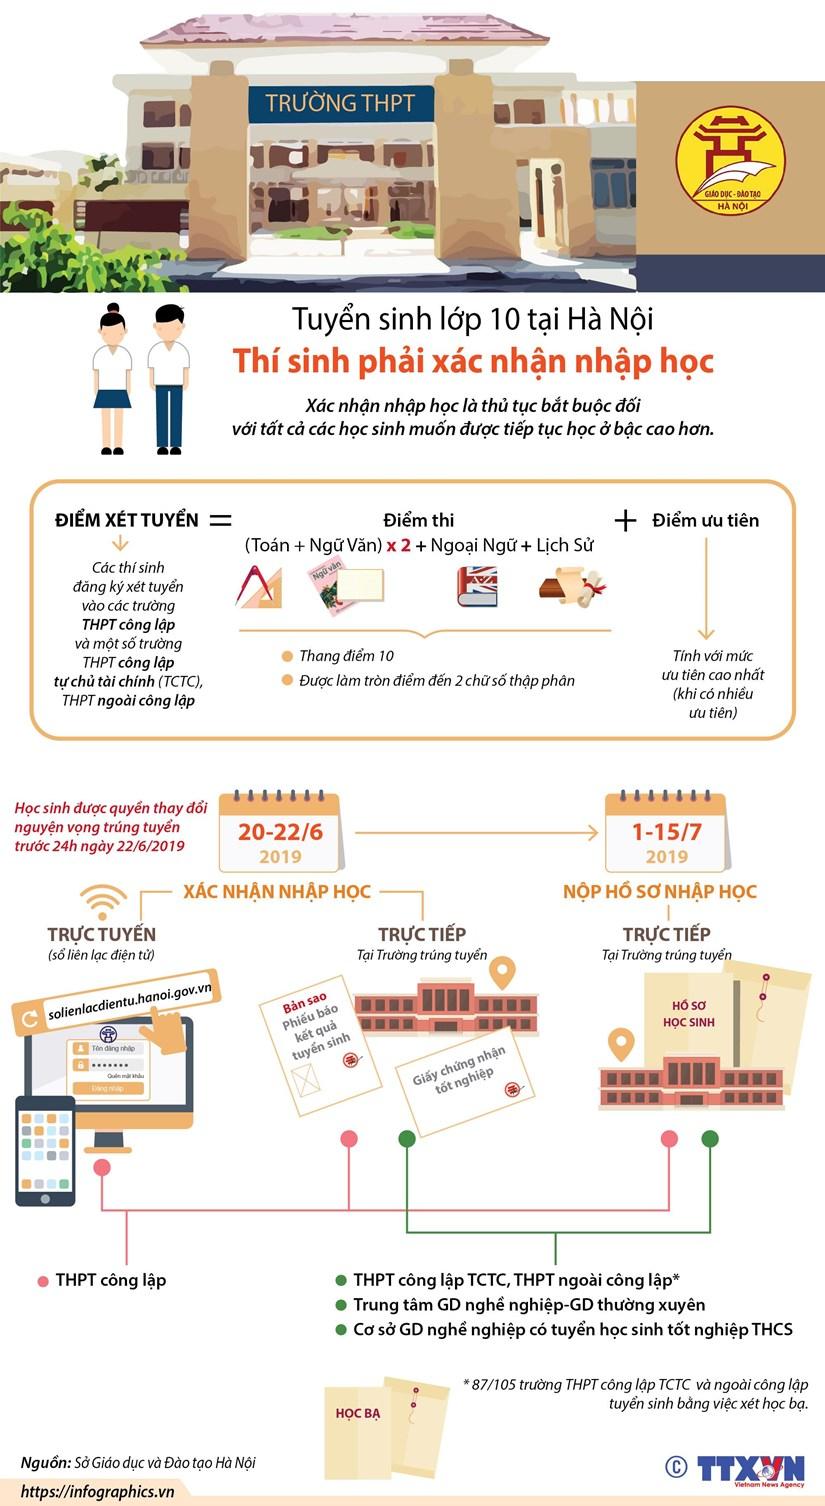 [Infographics] Tuyển sinh lớp 10: Thí sinh phải xác nhận nhập học